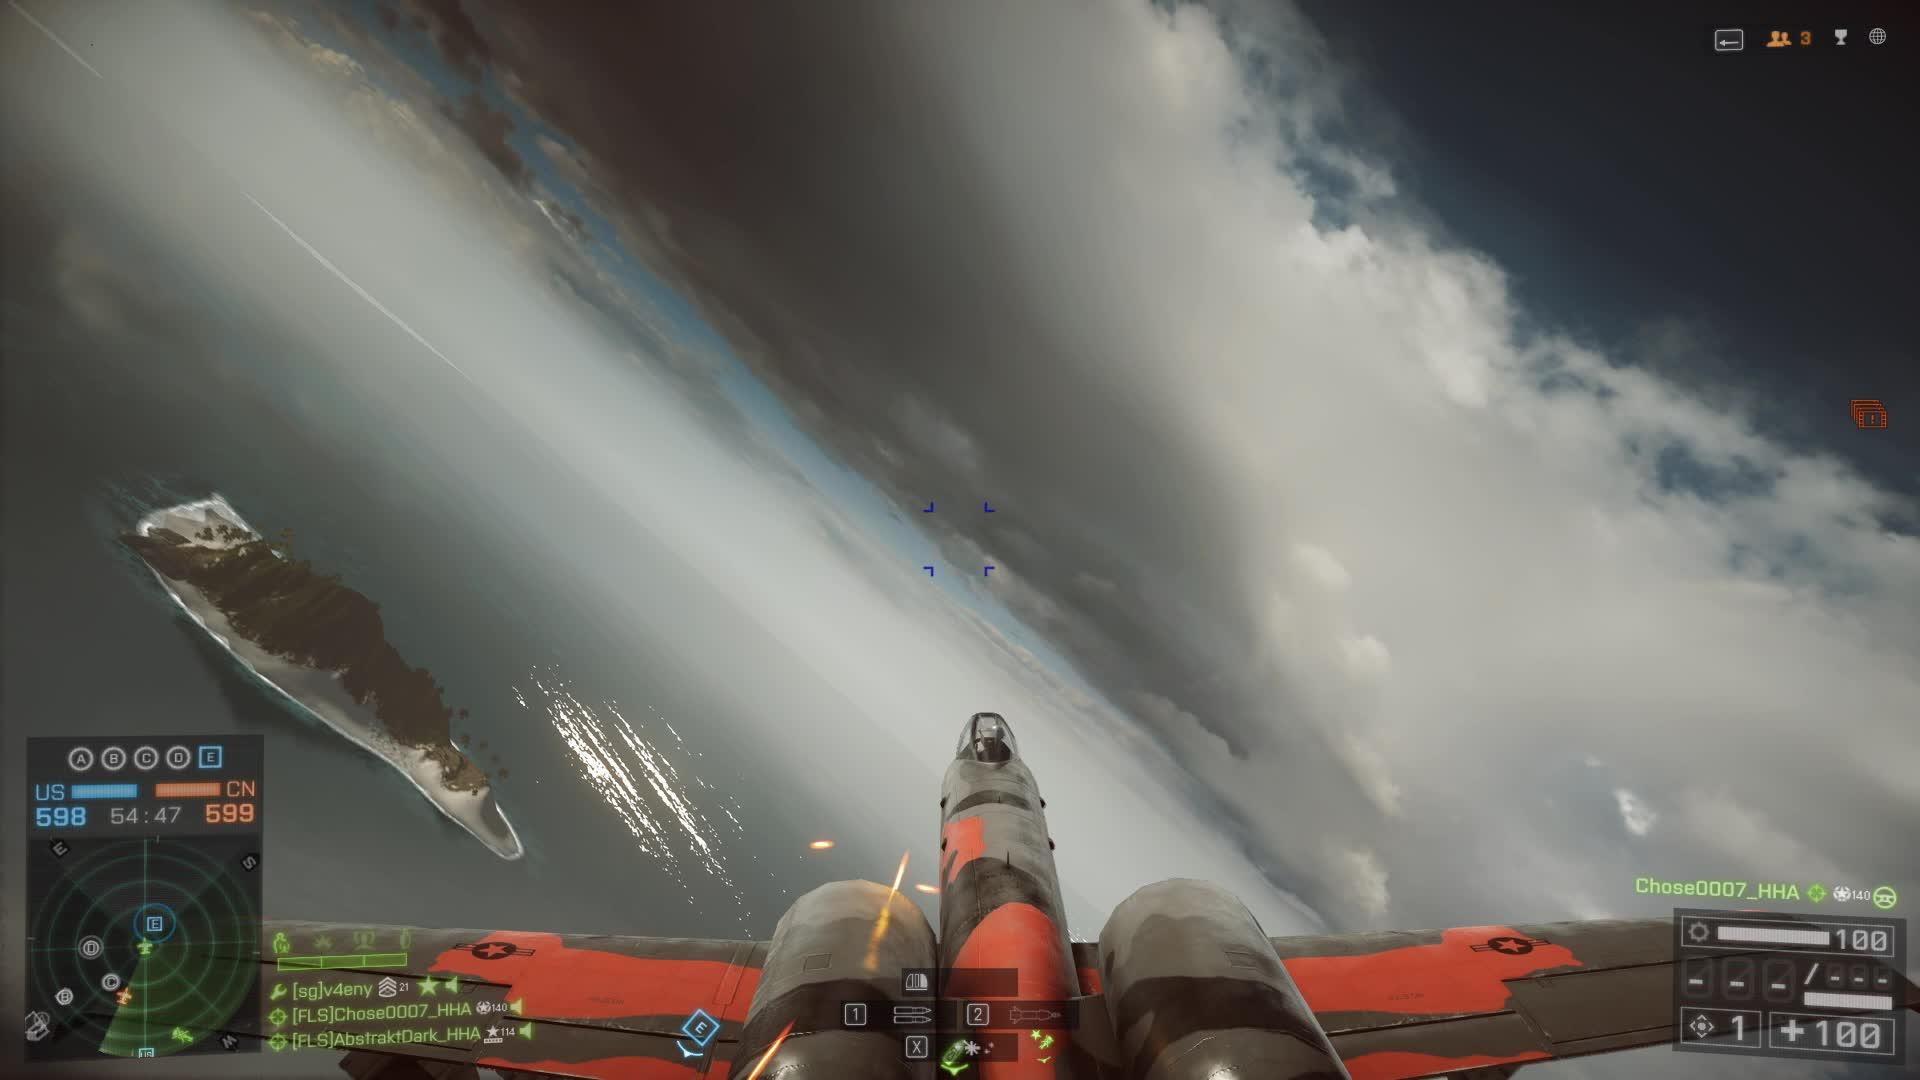 battlefield4, Battlefield 4 2018.10.31 - 21.28.00.08 GIFs